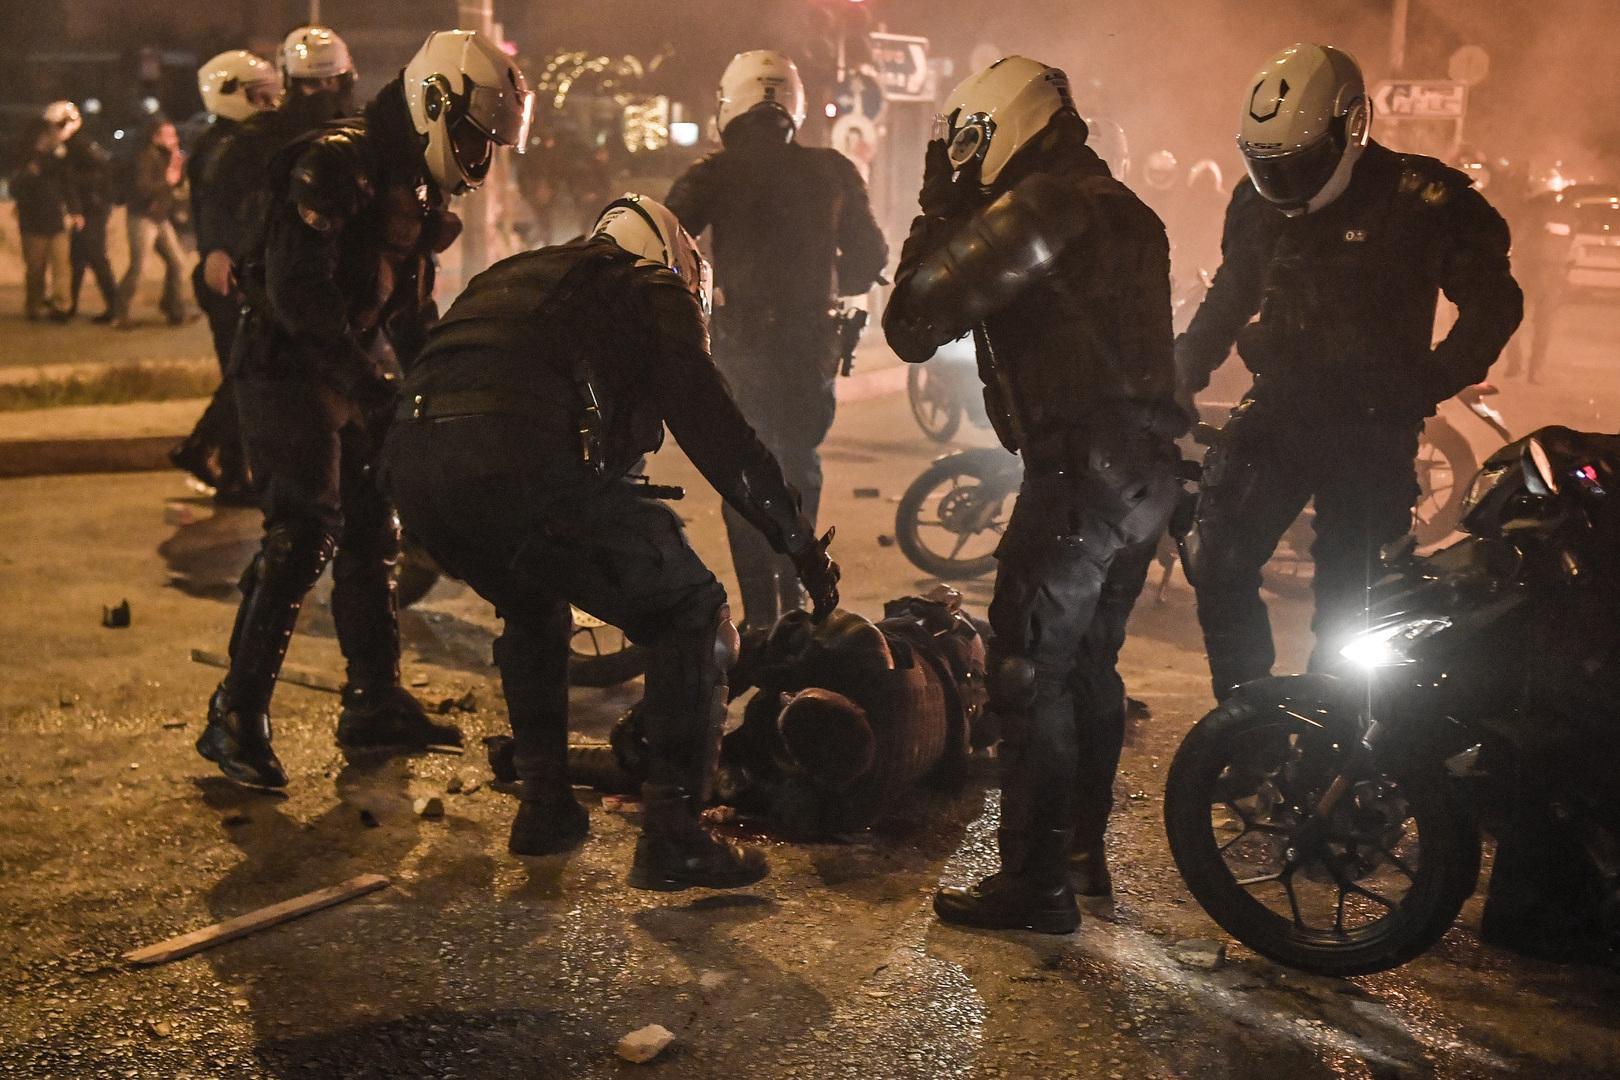 اليونان.. فصل ضابط شرطة عن العمل لتعنيفه رجلا خلال إجراءات كورونا